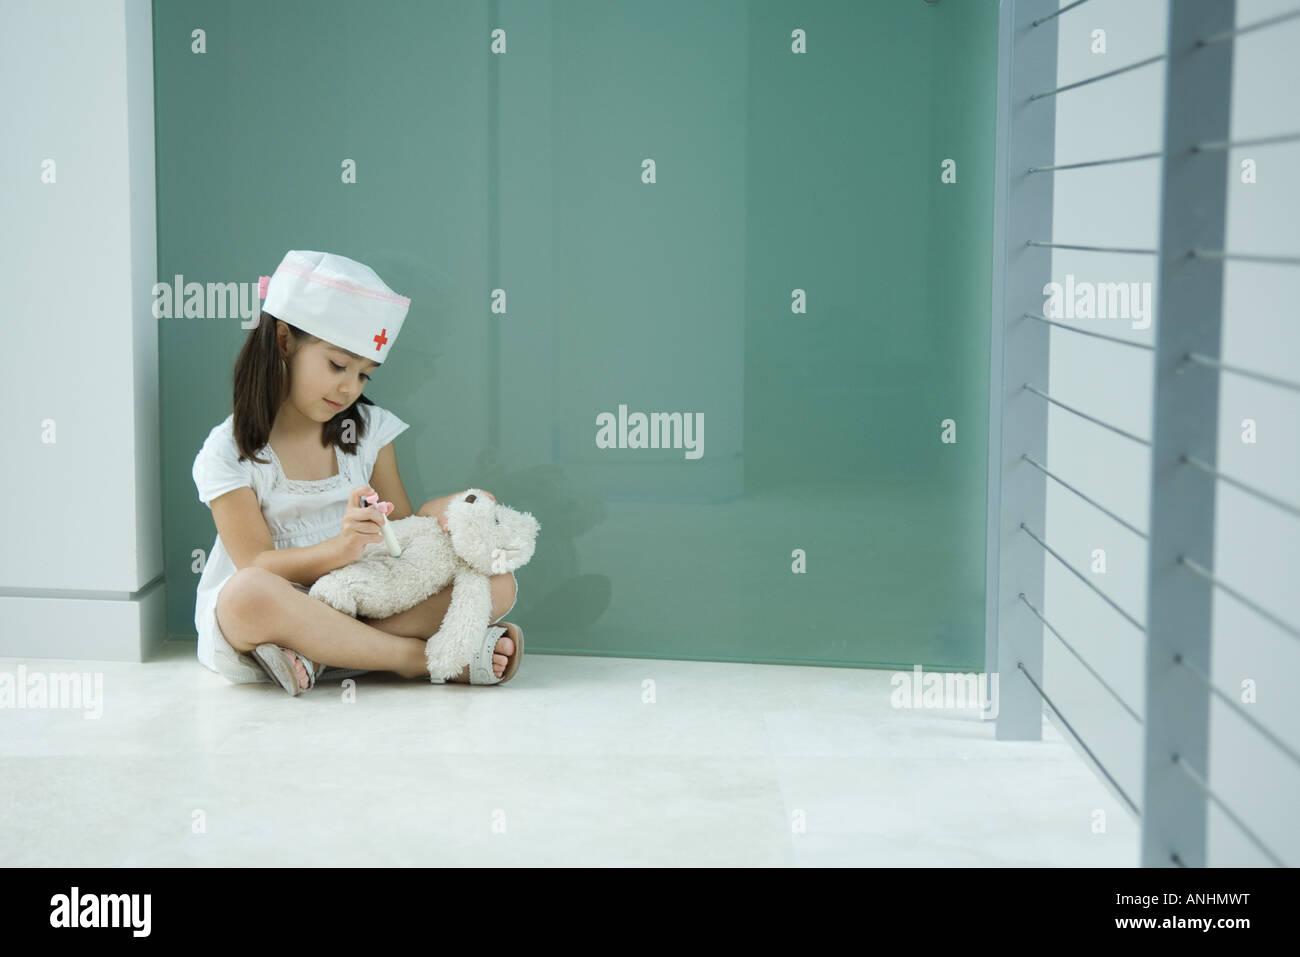 Kleines Mädchen in Krankenschwester Hut geben Teddy Bär erschossen Stockbild